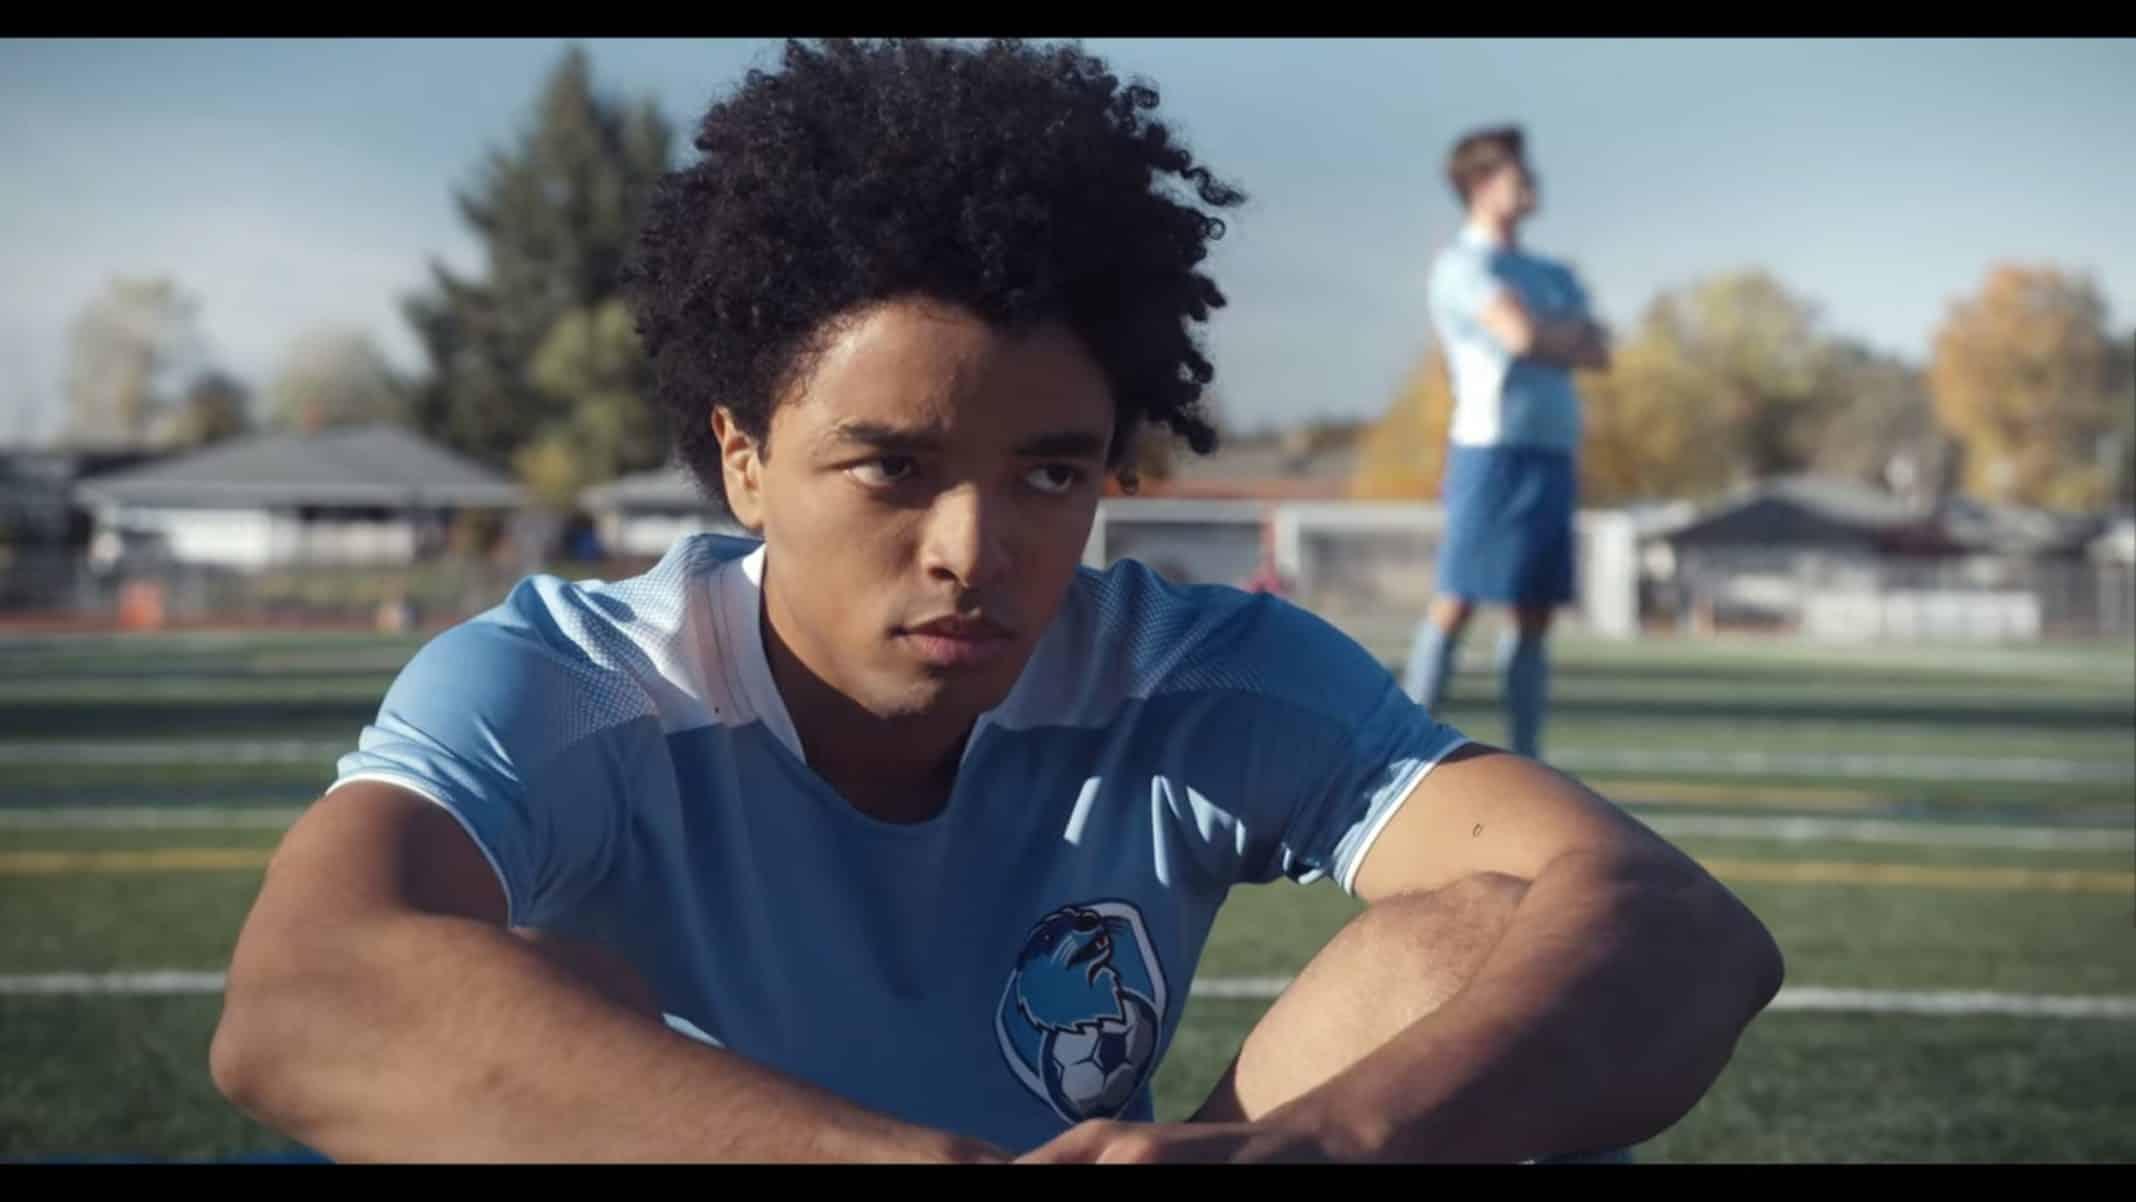 Noah (Odiseas Georgiadis) sitting on the soccer field, upset.